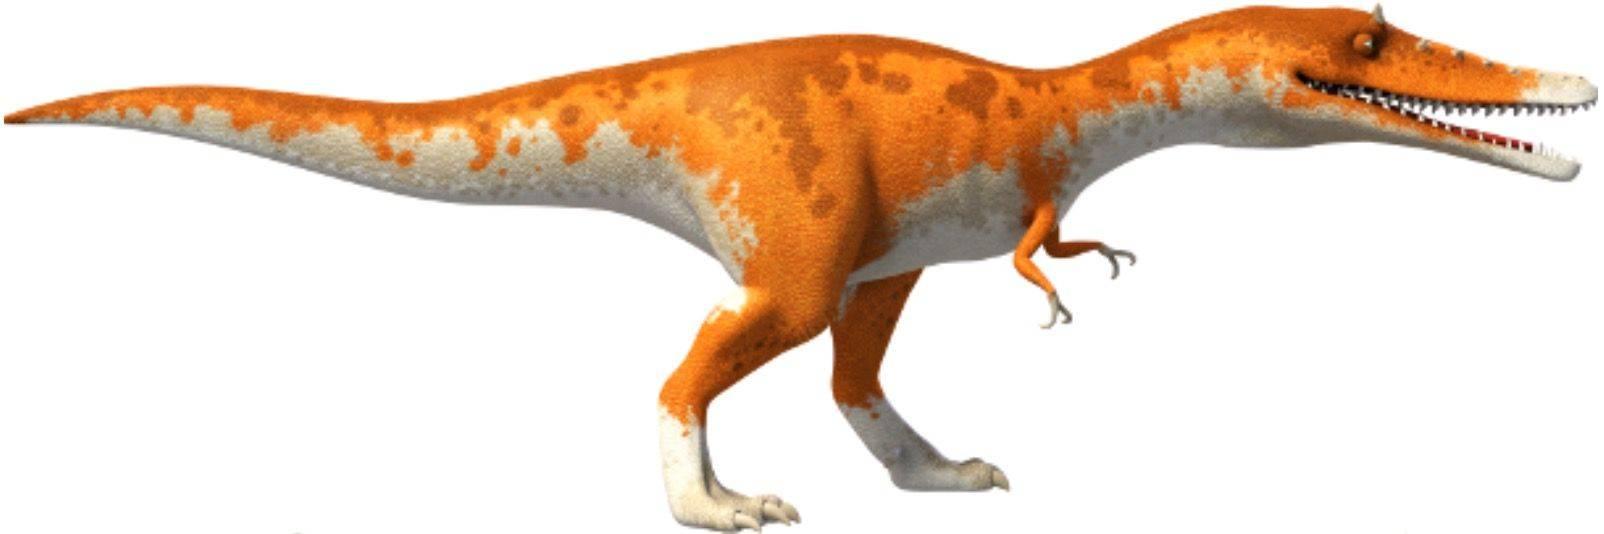 Quianzhousaurus